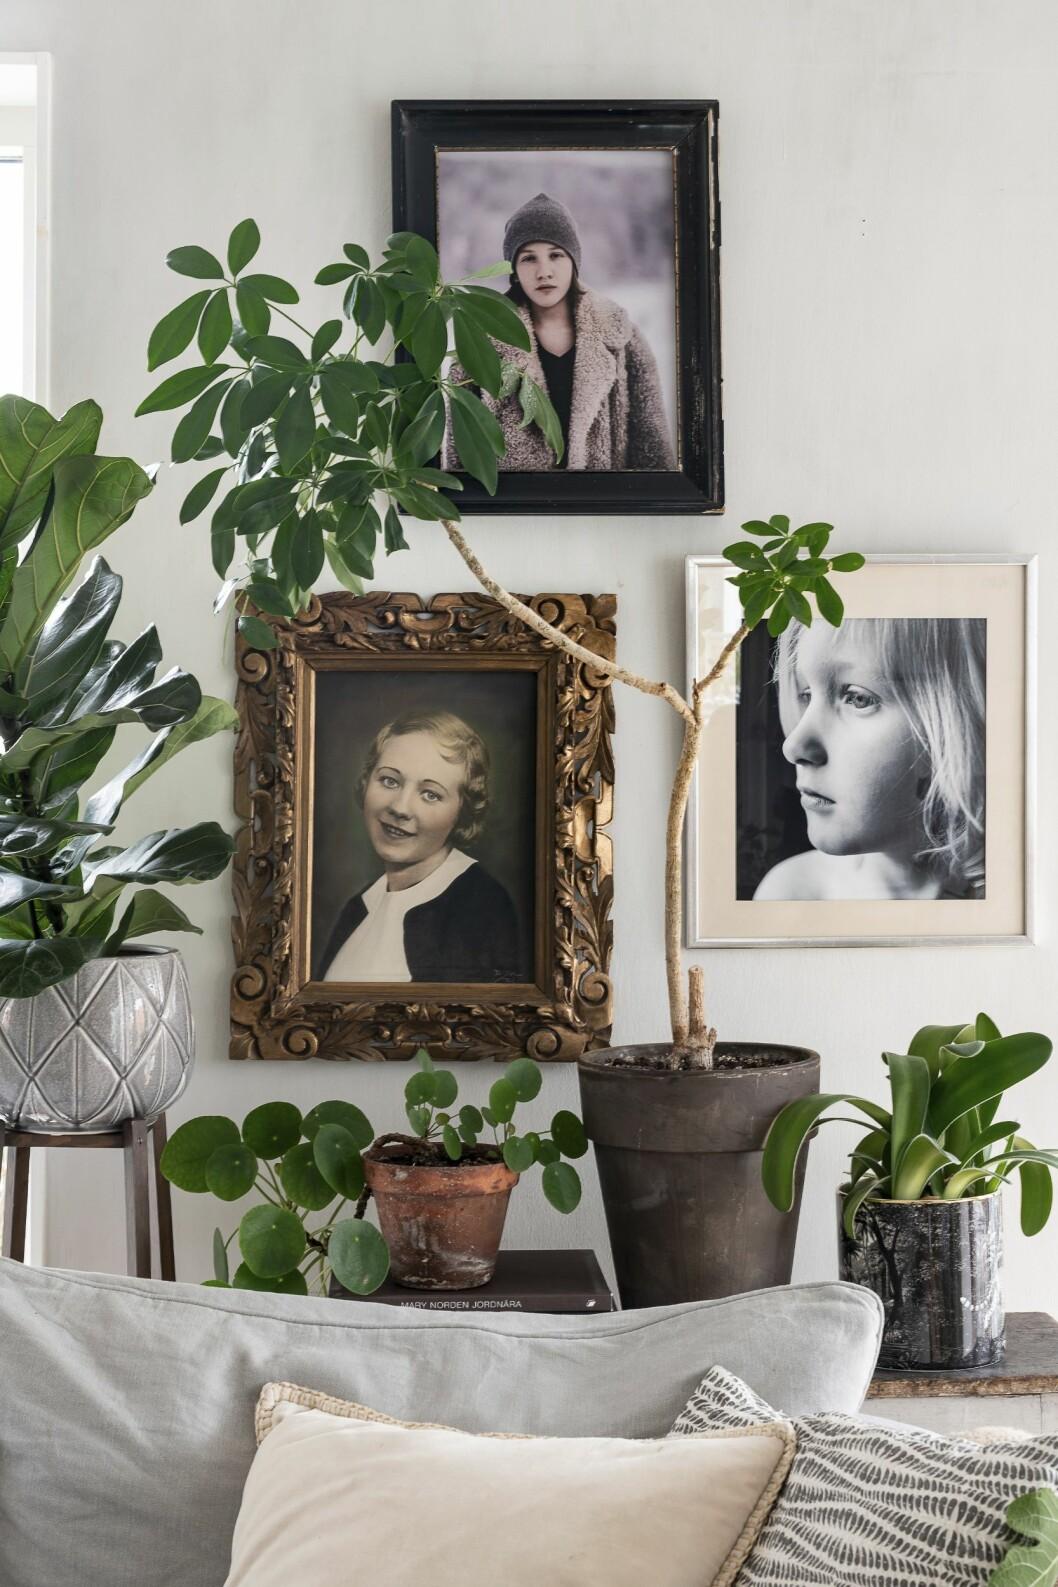 Gröna blad mot vit bakgrund skapar en skön stämning i rummet.